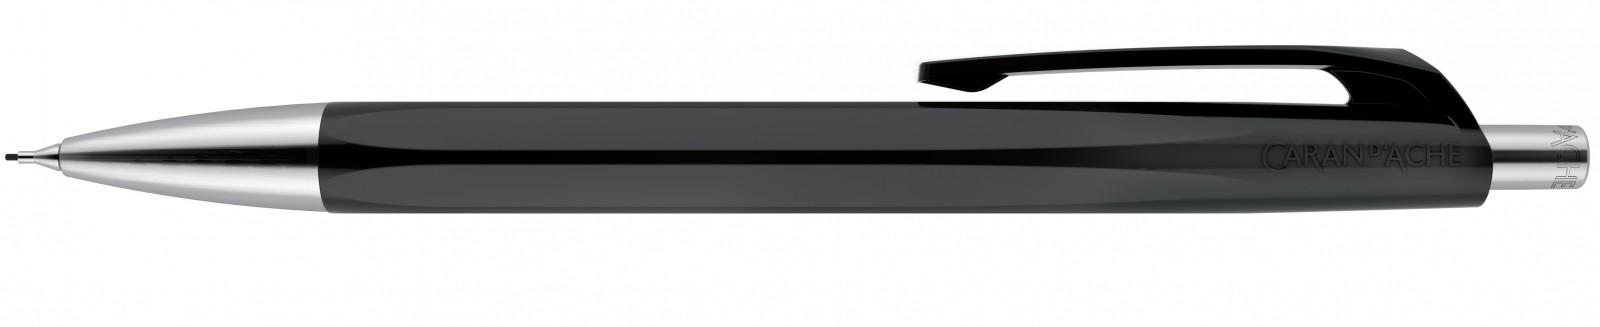 LAPISEIRA 0,7mm 884.009 INFINITE PRETO